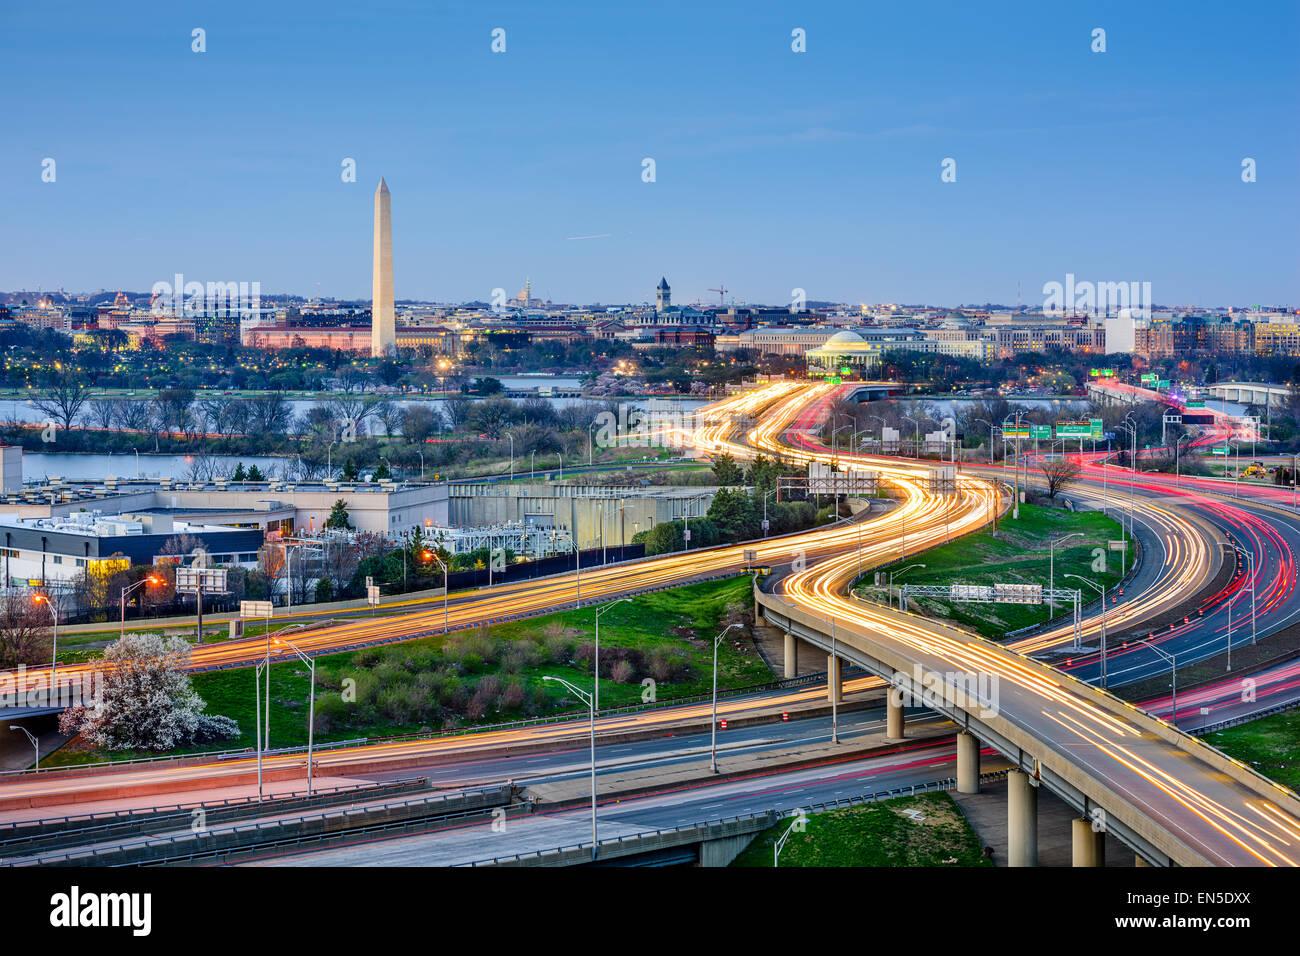 Washington, DC el horizonte de monumentos y carreteras. Imagen De Stock